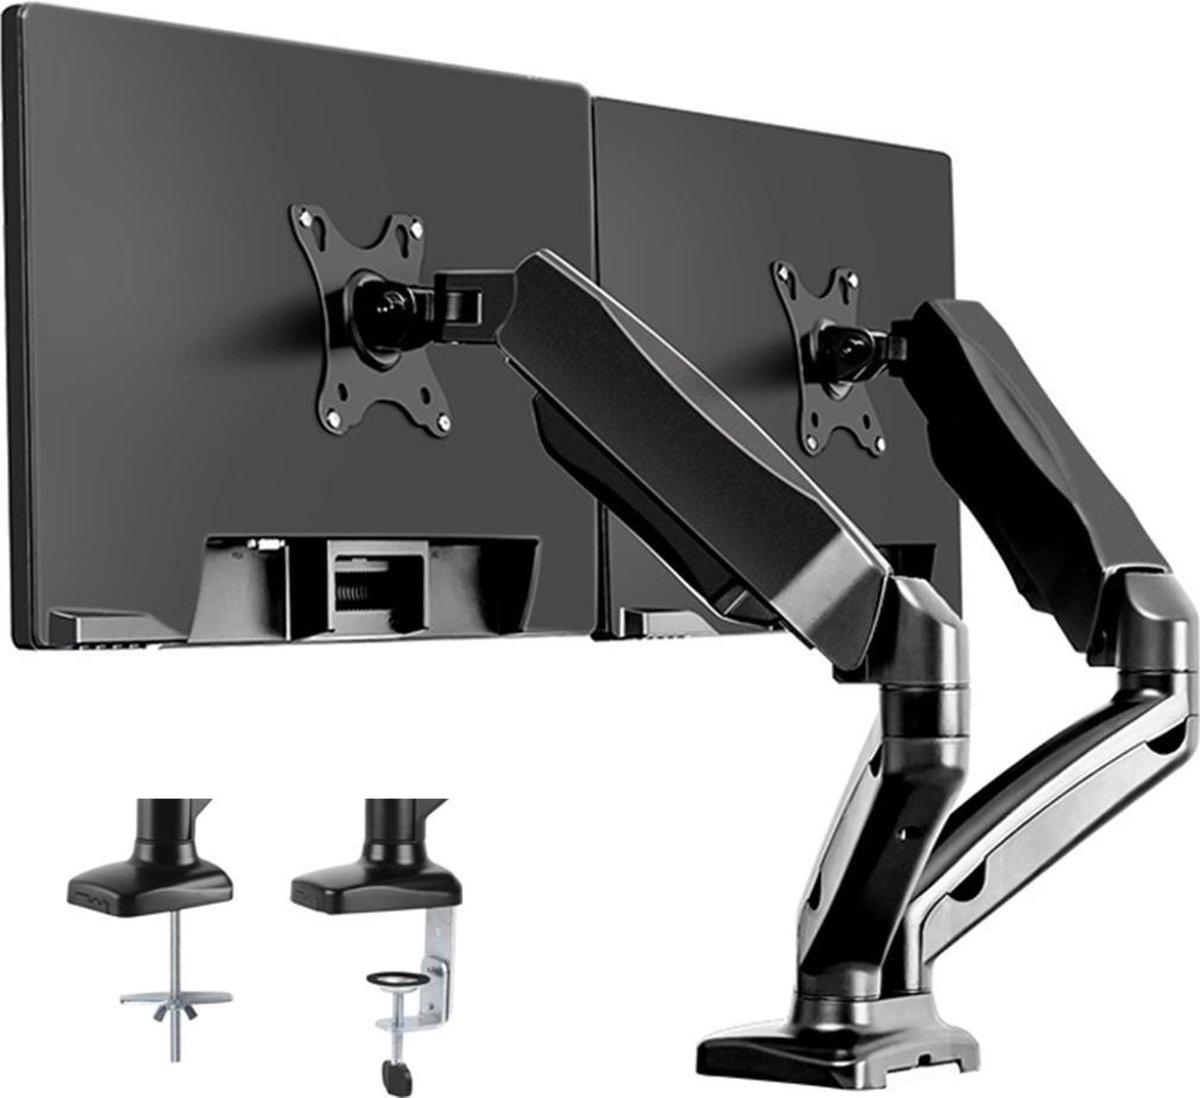 Douxe FM-SPM2 - Dubbele Gasgedreven Monitorbeugel - Monitor Arm 13-27 Inch - Full Motion voor op Kantoor en Thuis - Zwart kopen